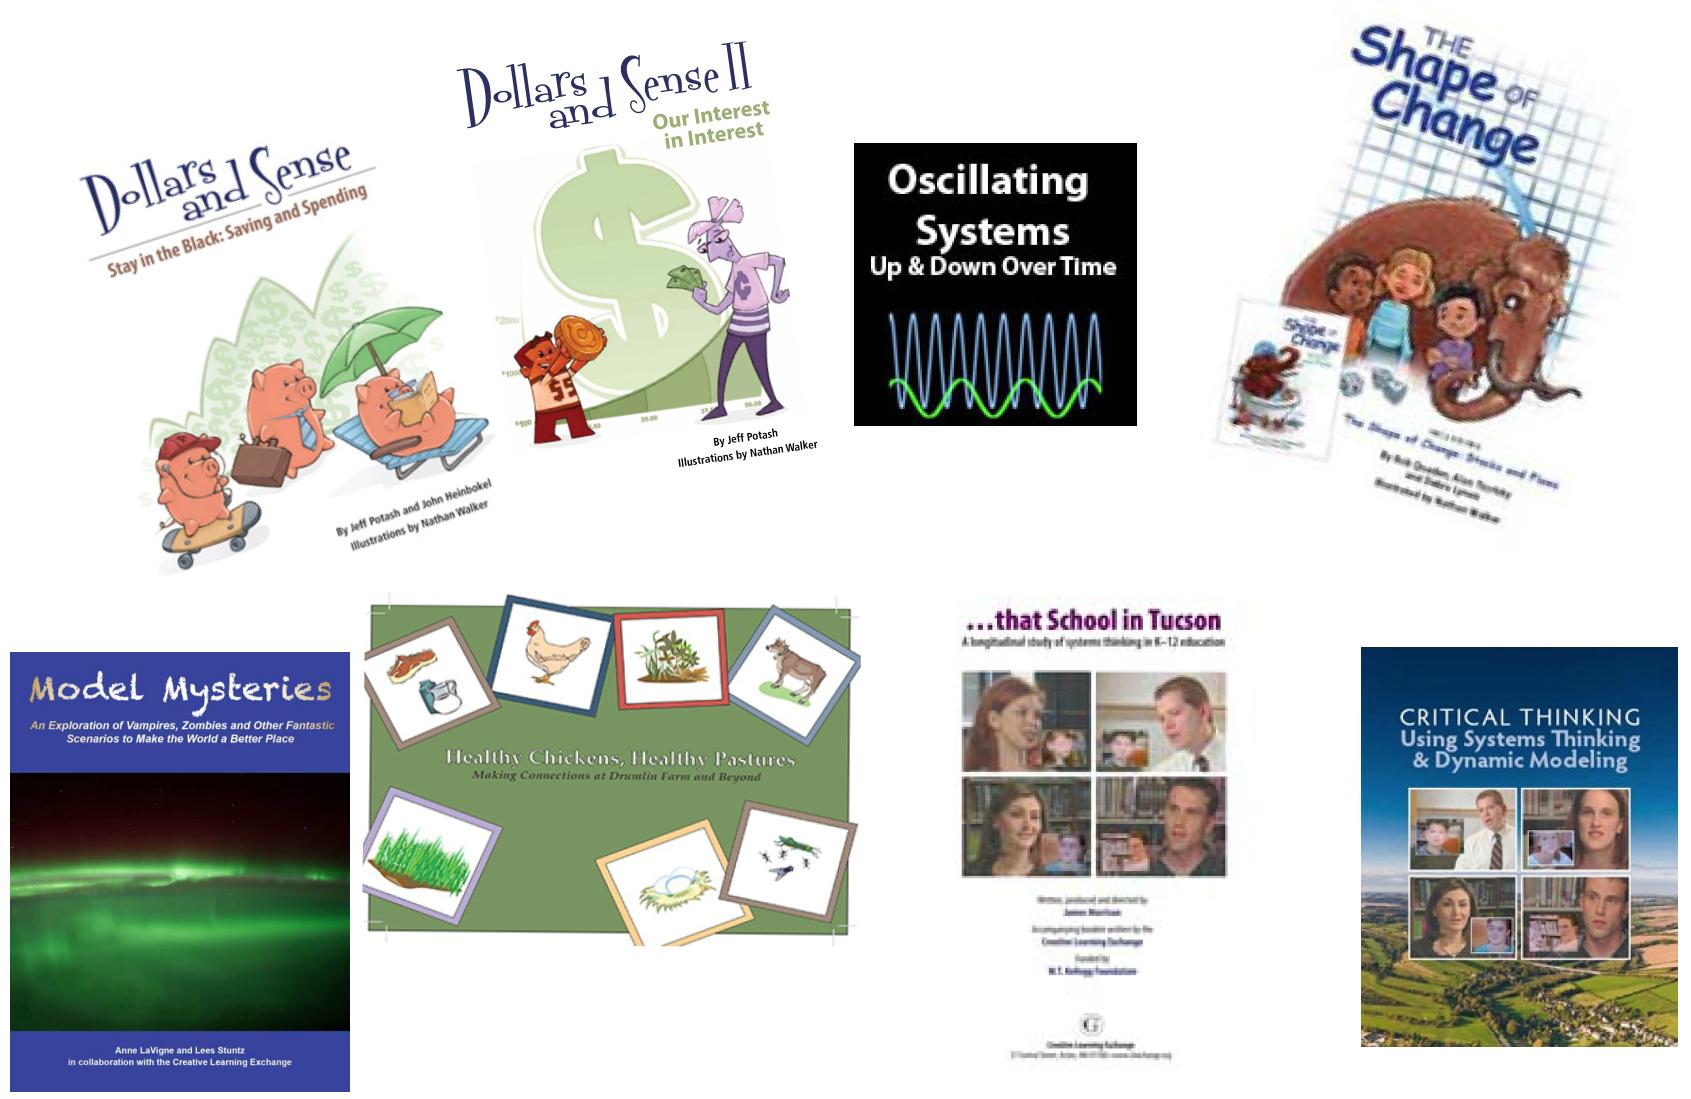 SDSC Books Image